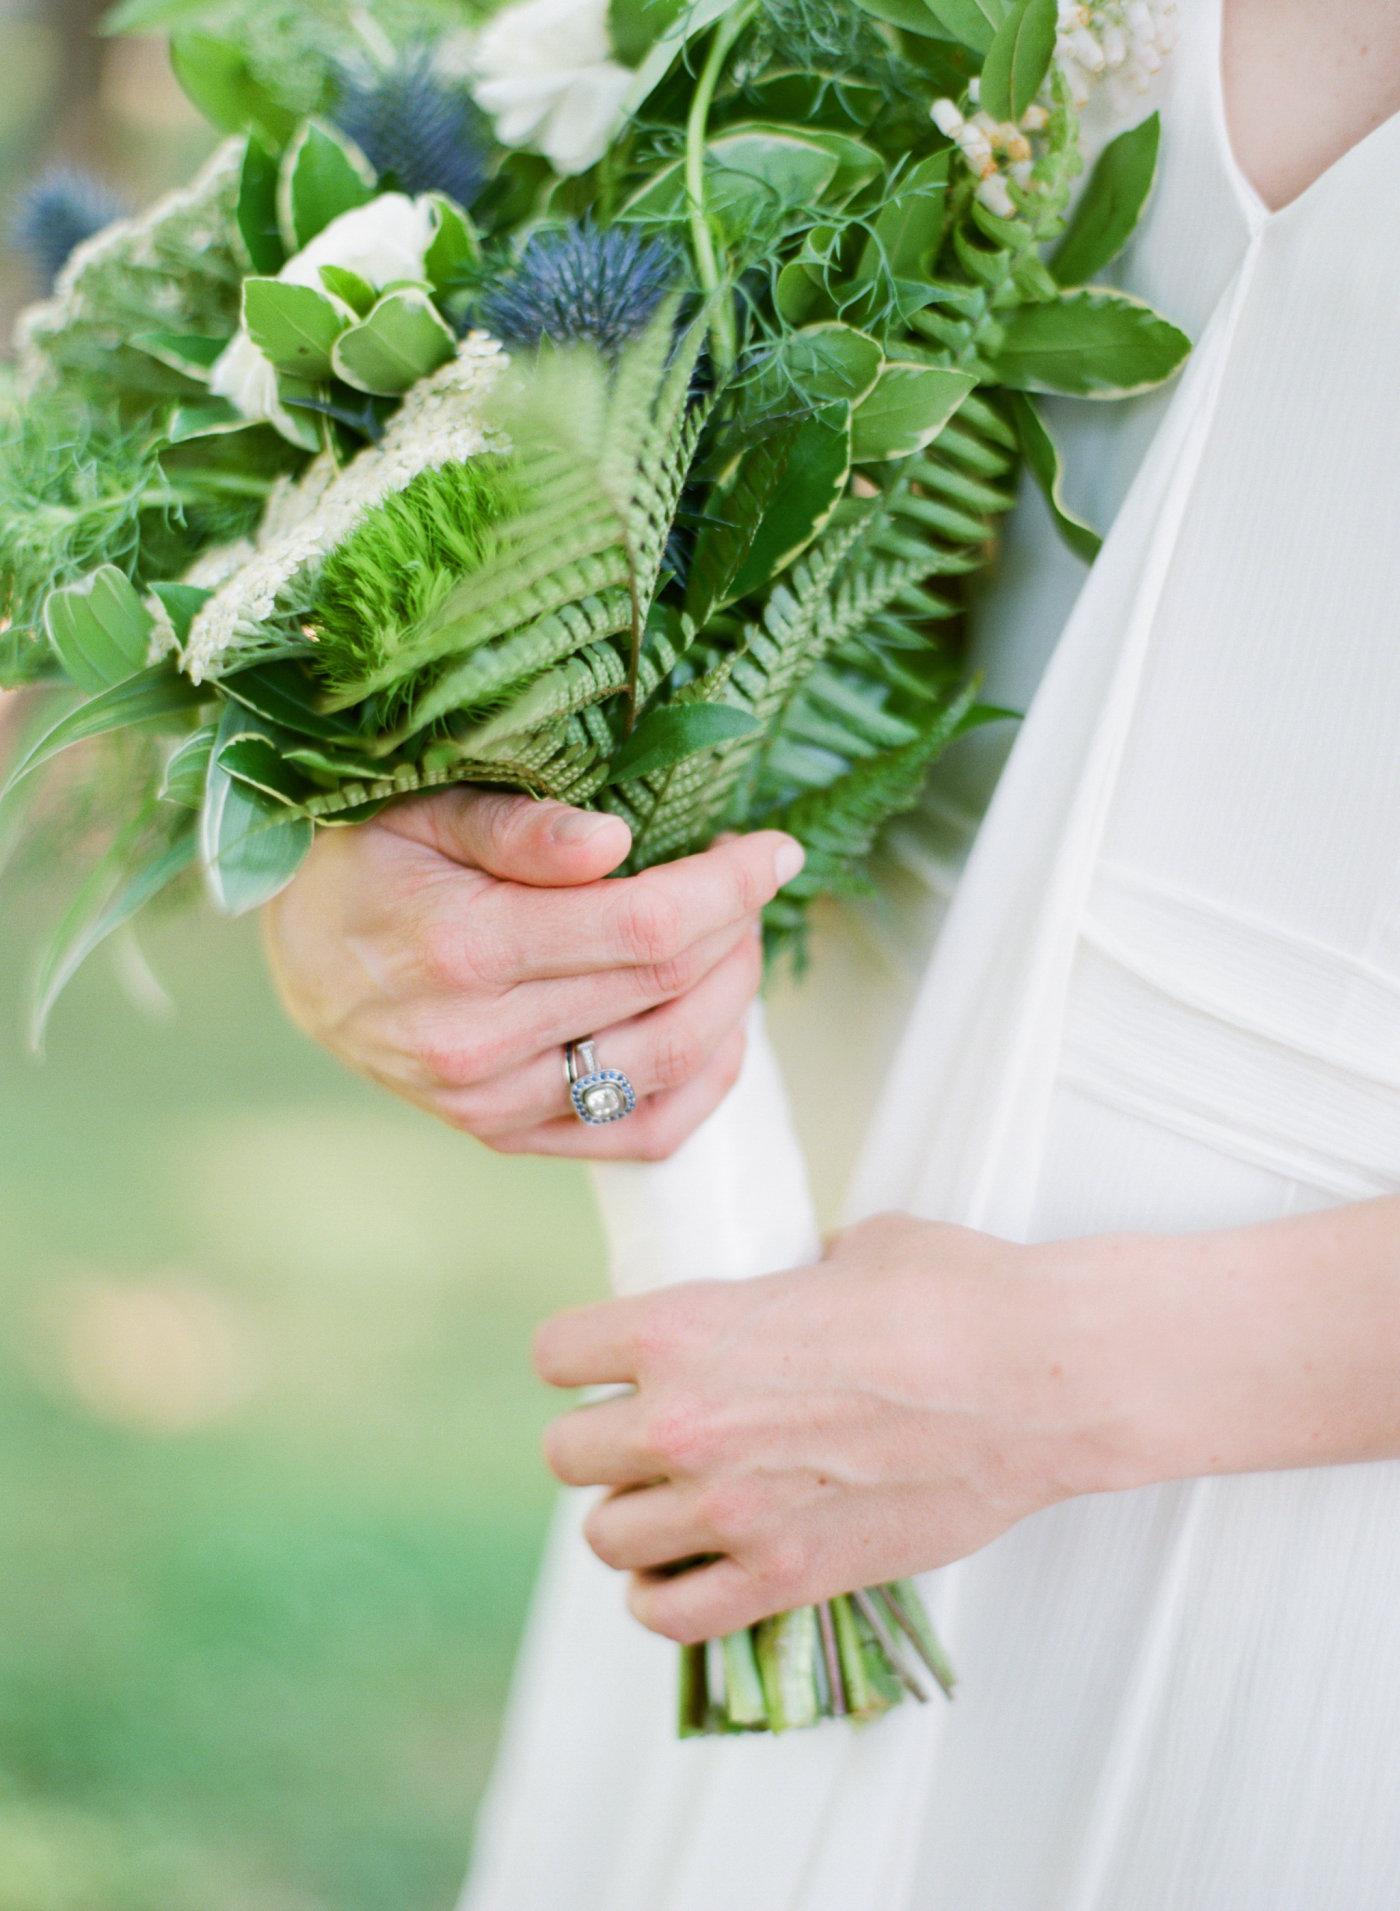 Petersilienhochzeit Der Hochzeitstag Nach 125 Ehejahren